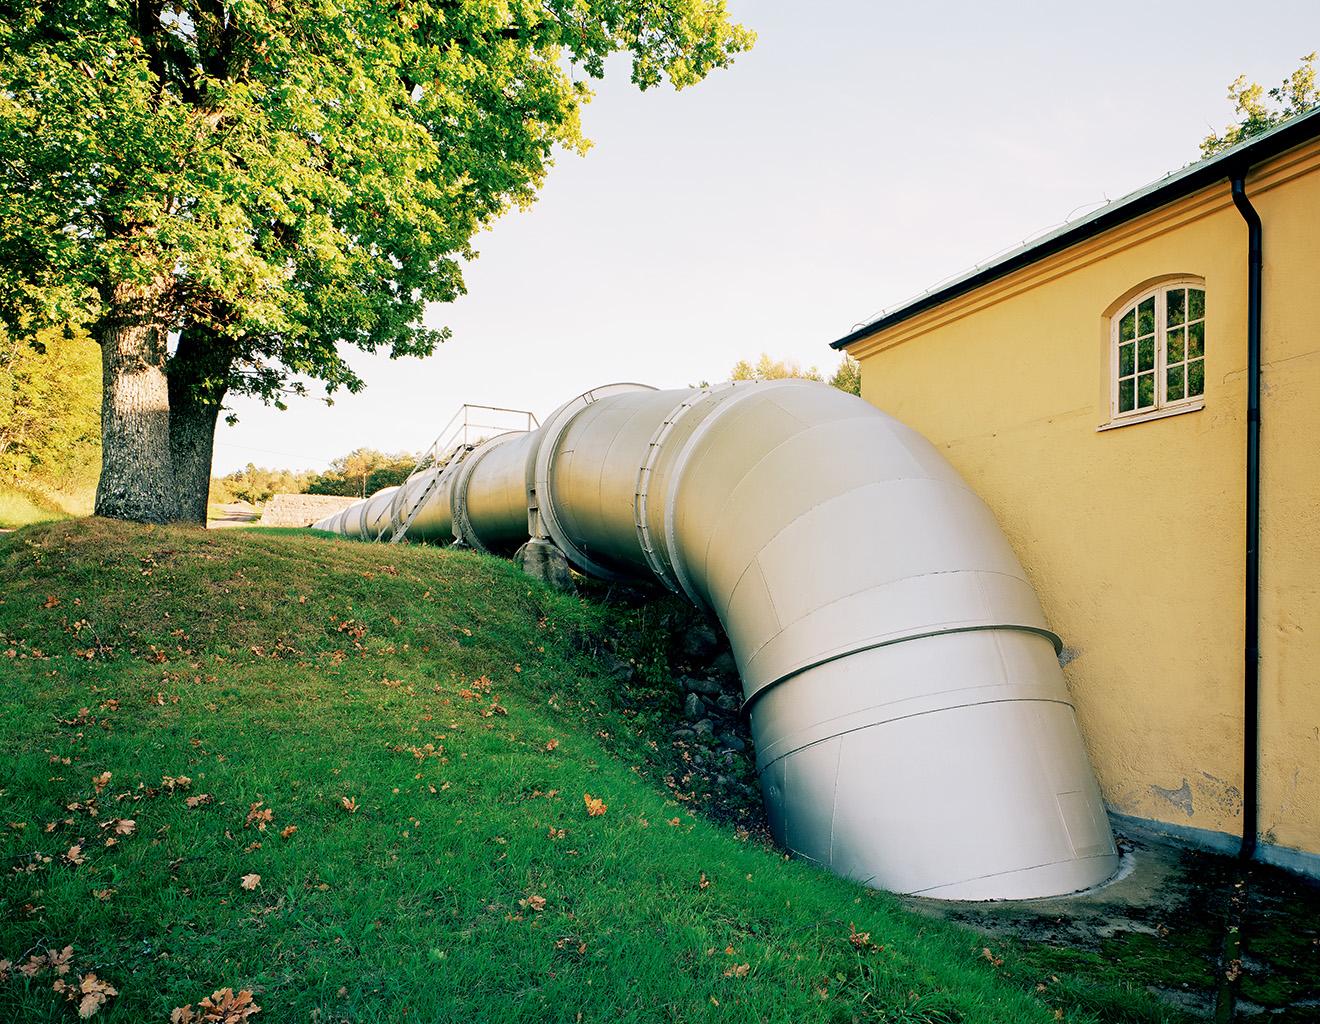 Kungsfors power station, 30 September 2003